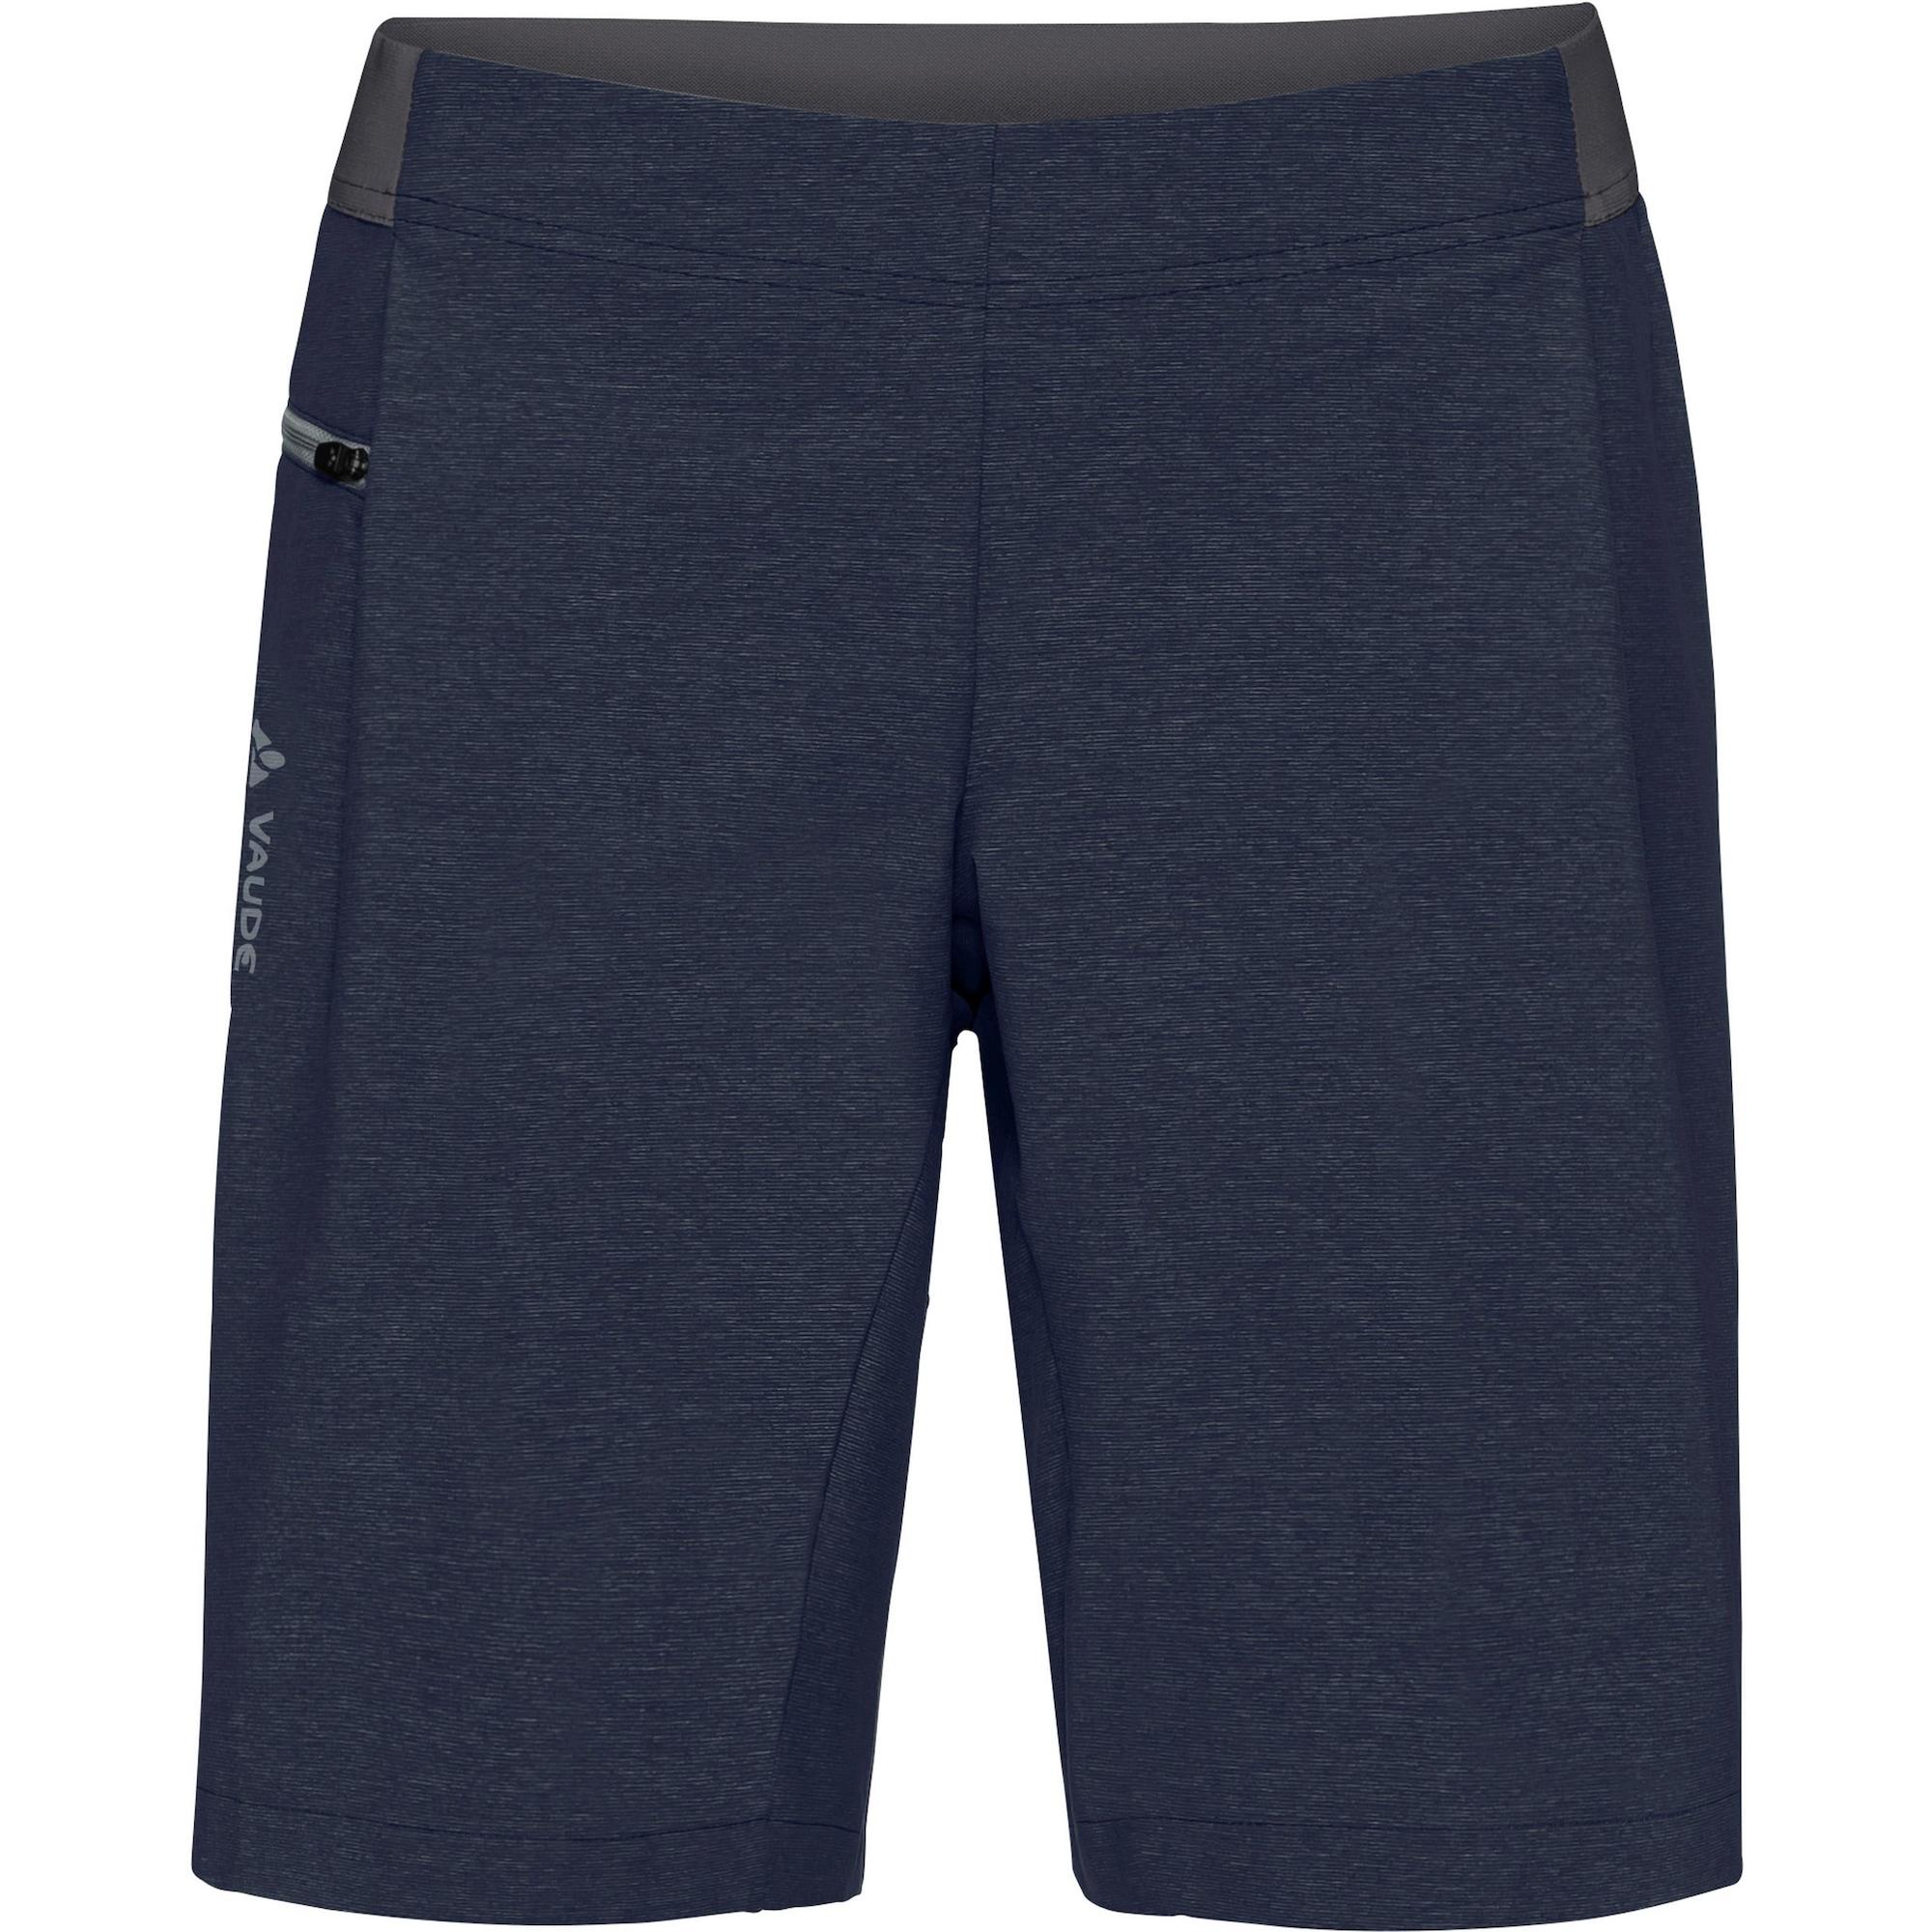 VAUDE Sportinės kelnės tamsiai mėlyna